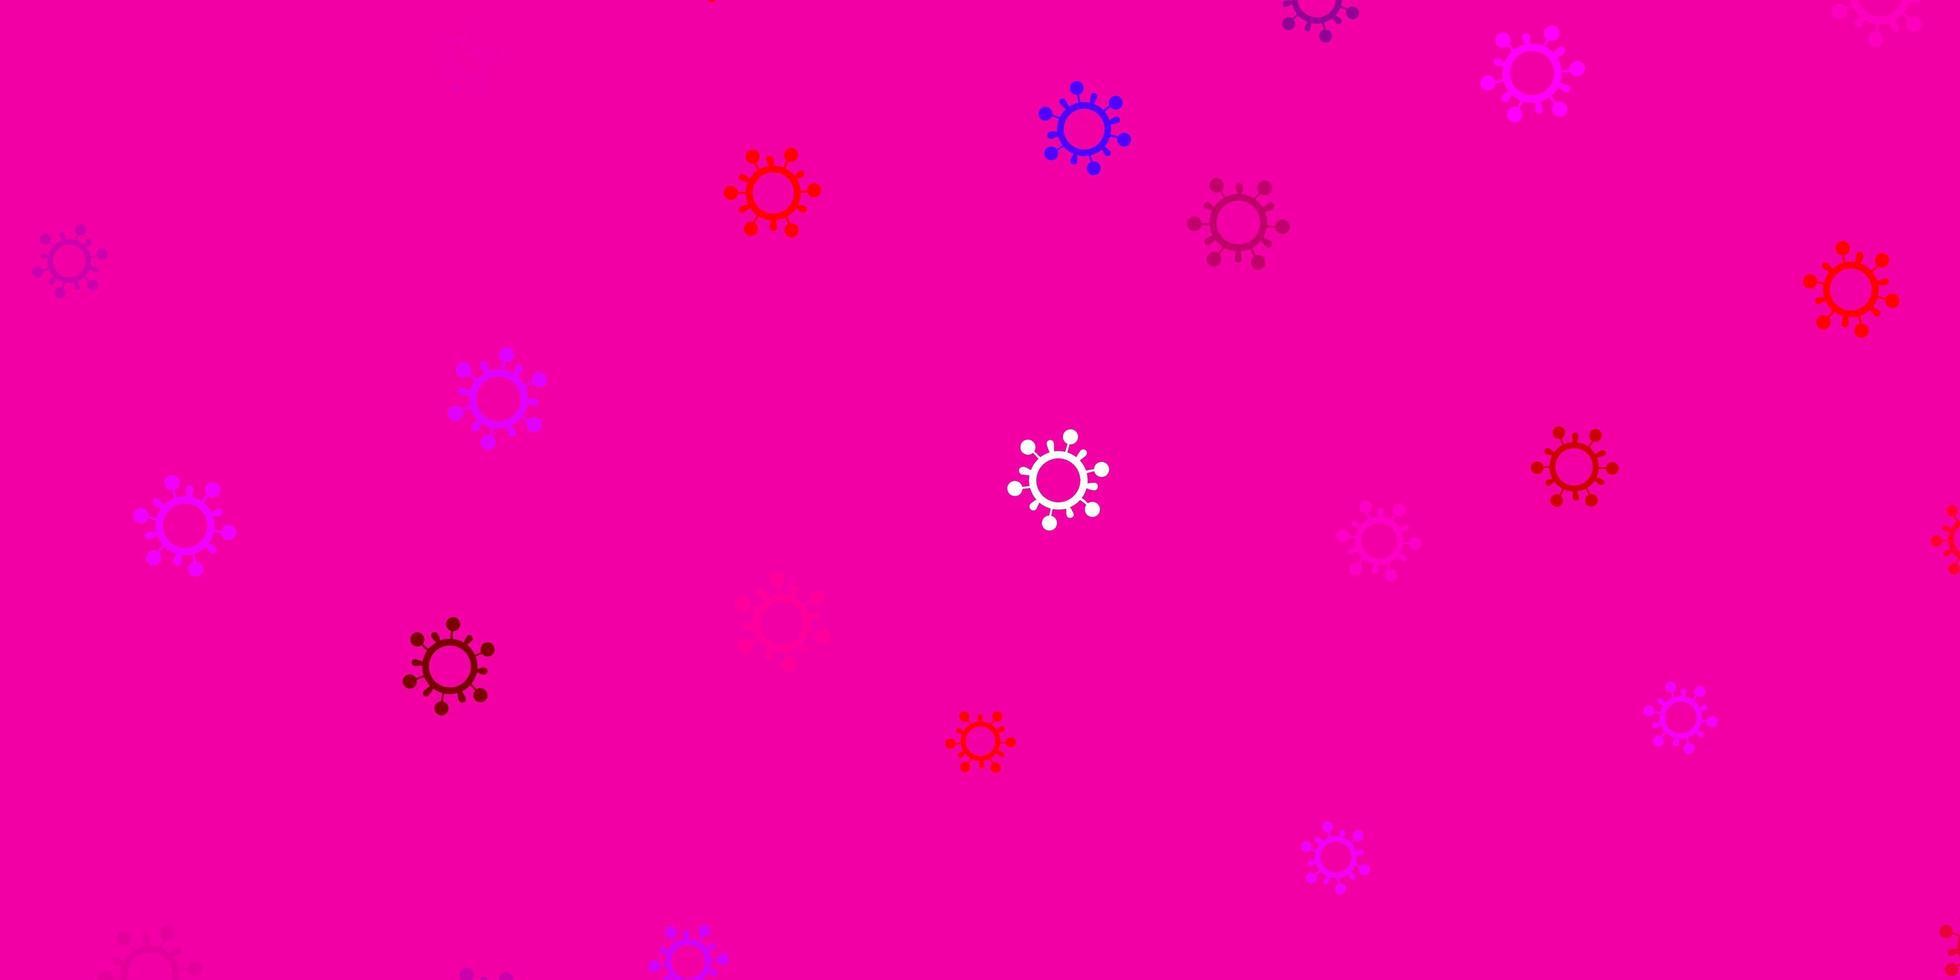 hellrosa, rote Vektorbeschaffenheit mit Krankheitssymbolen vektor